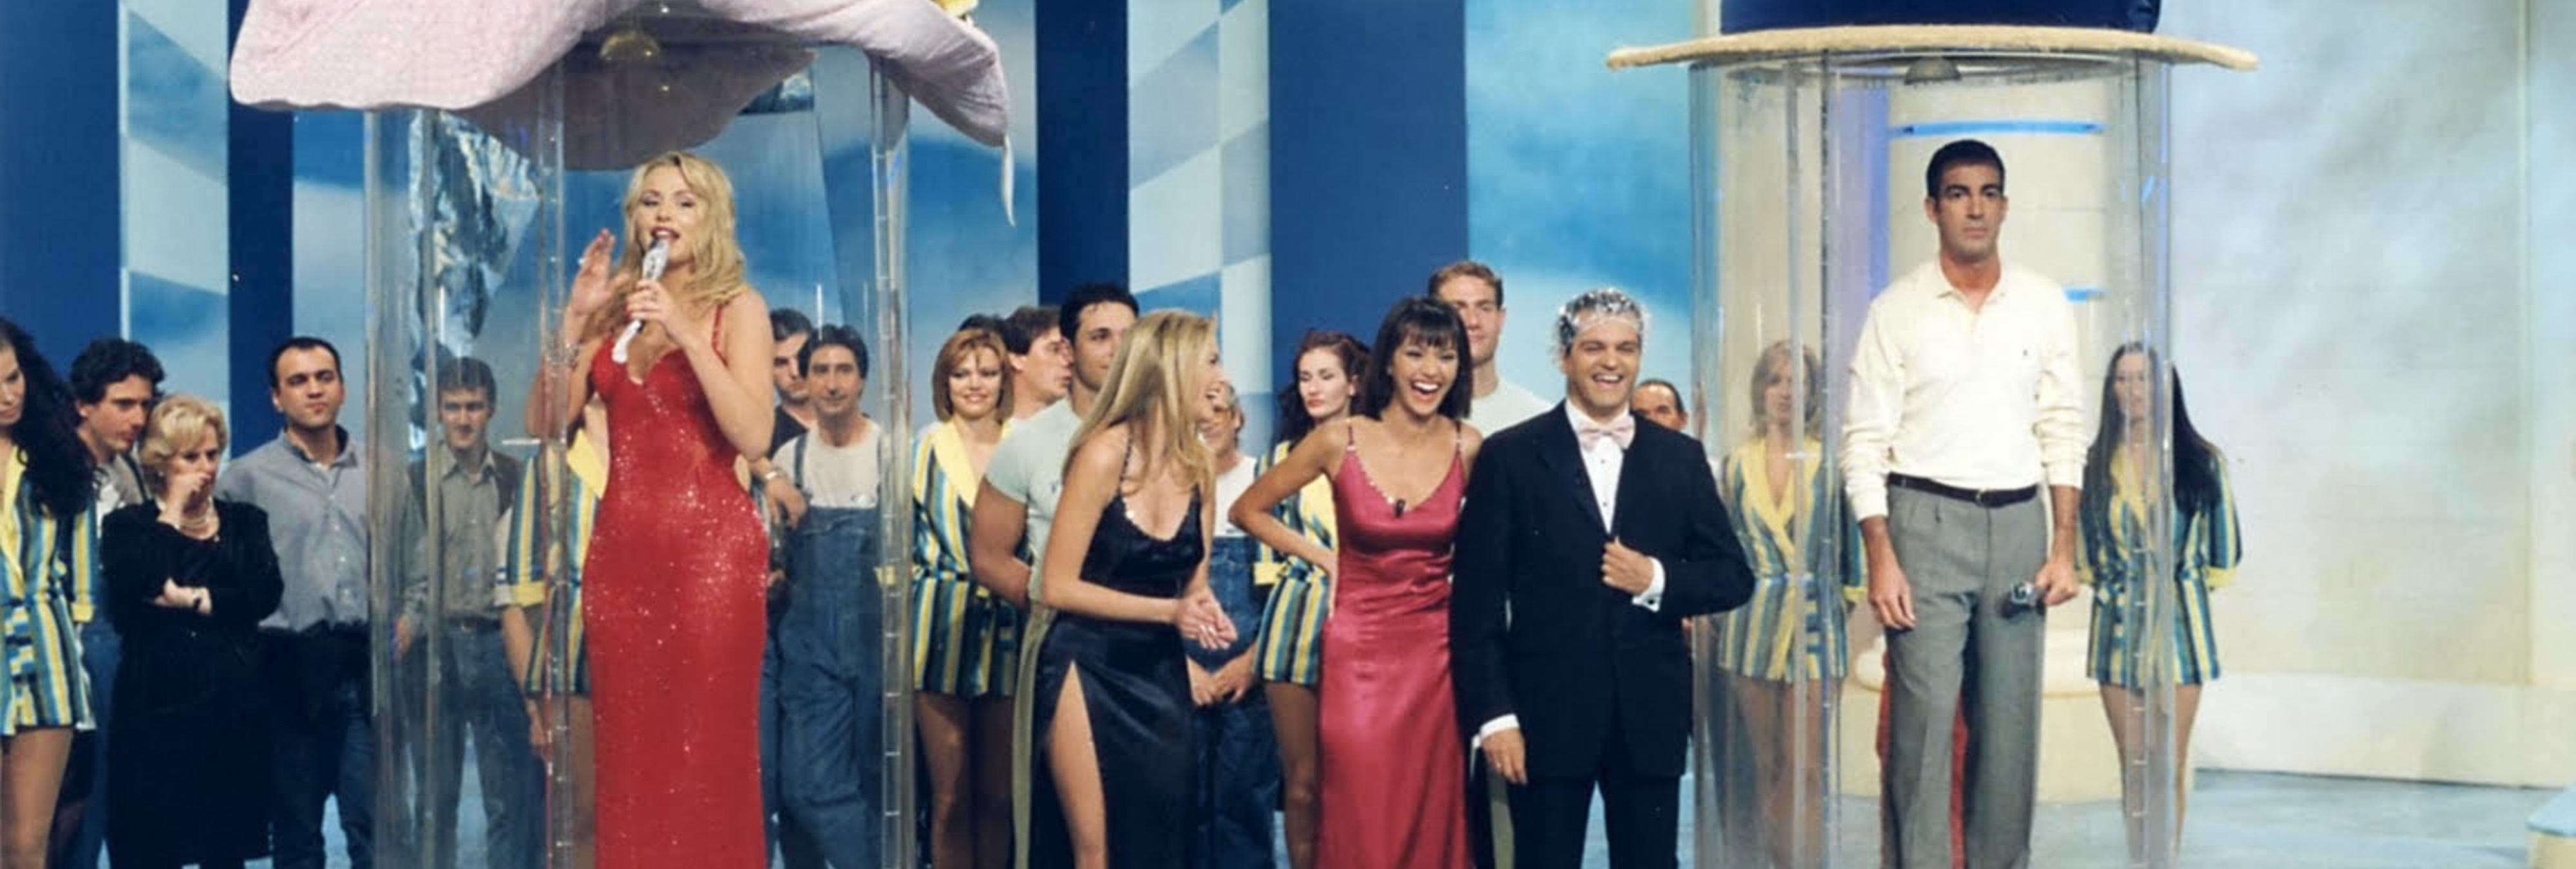 13 aspiraciones que conformaban el sueño americano-español de los 90